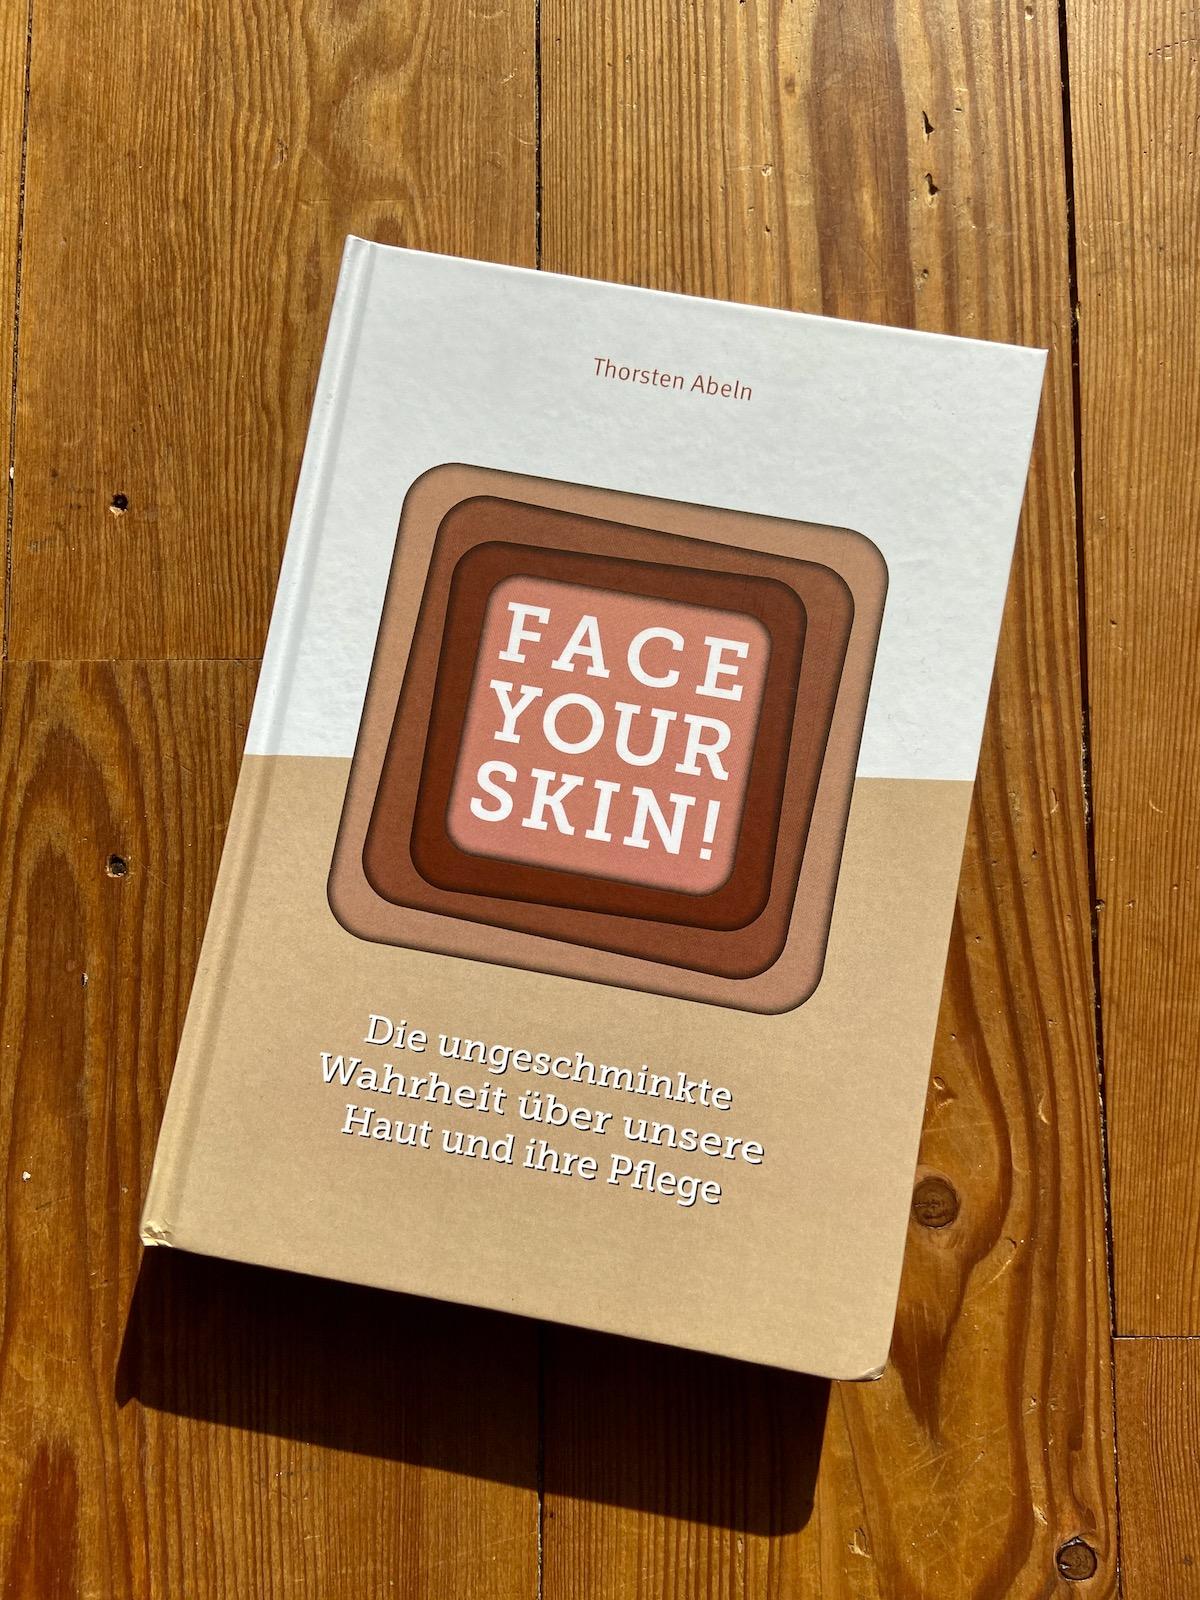 Thorsten Abeln Face your skin!